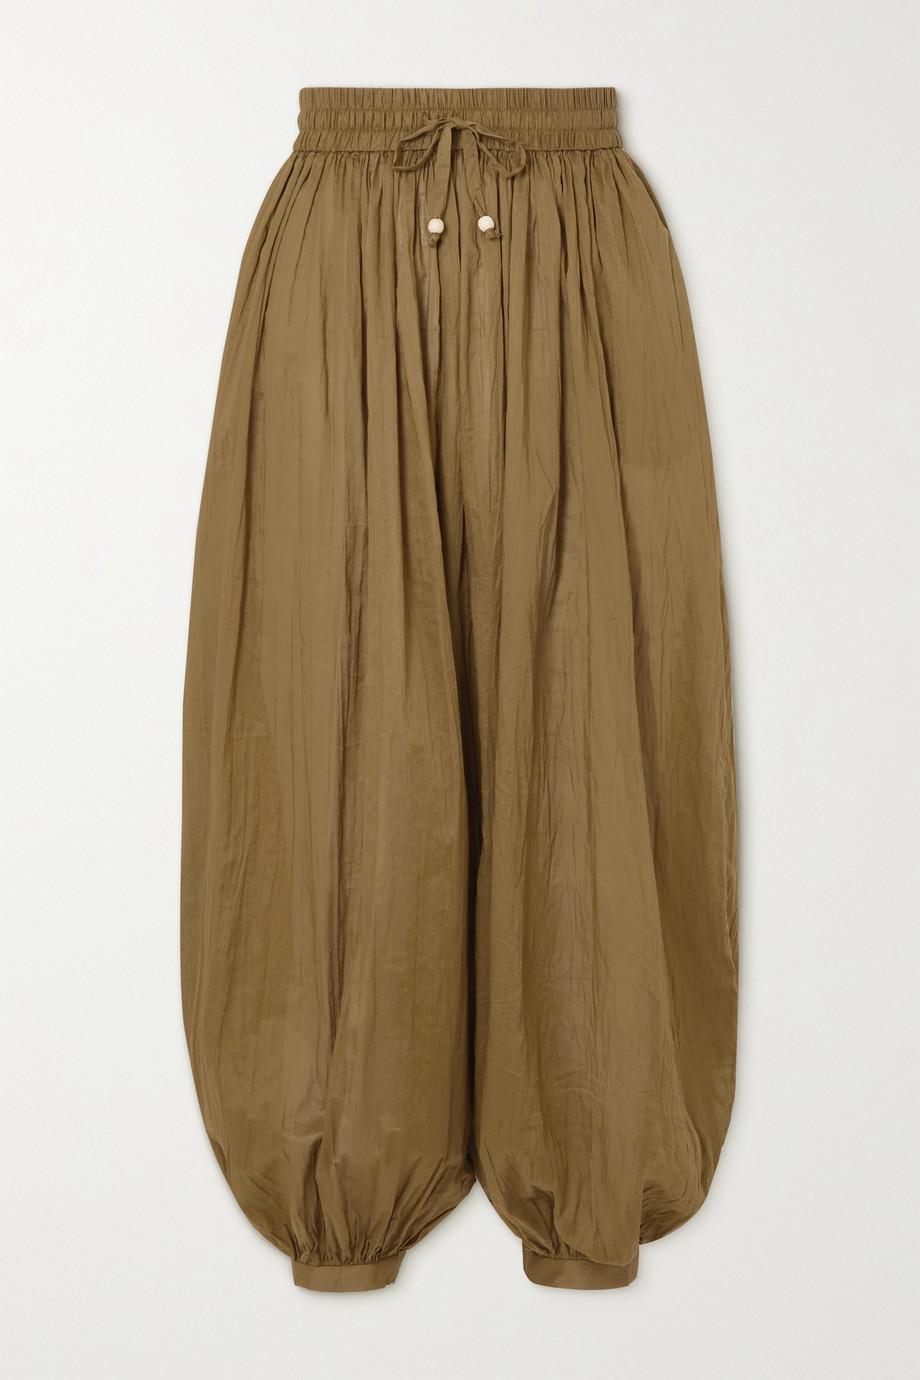 Zimmermann Pantalon en voile de coton froissé Cassia